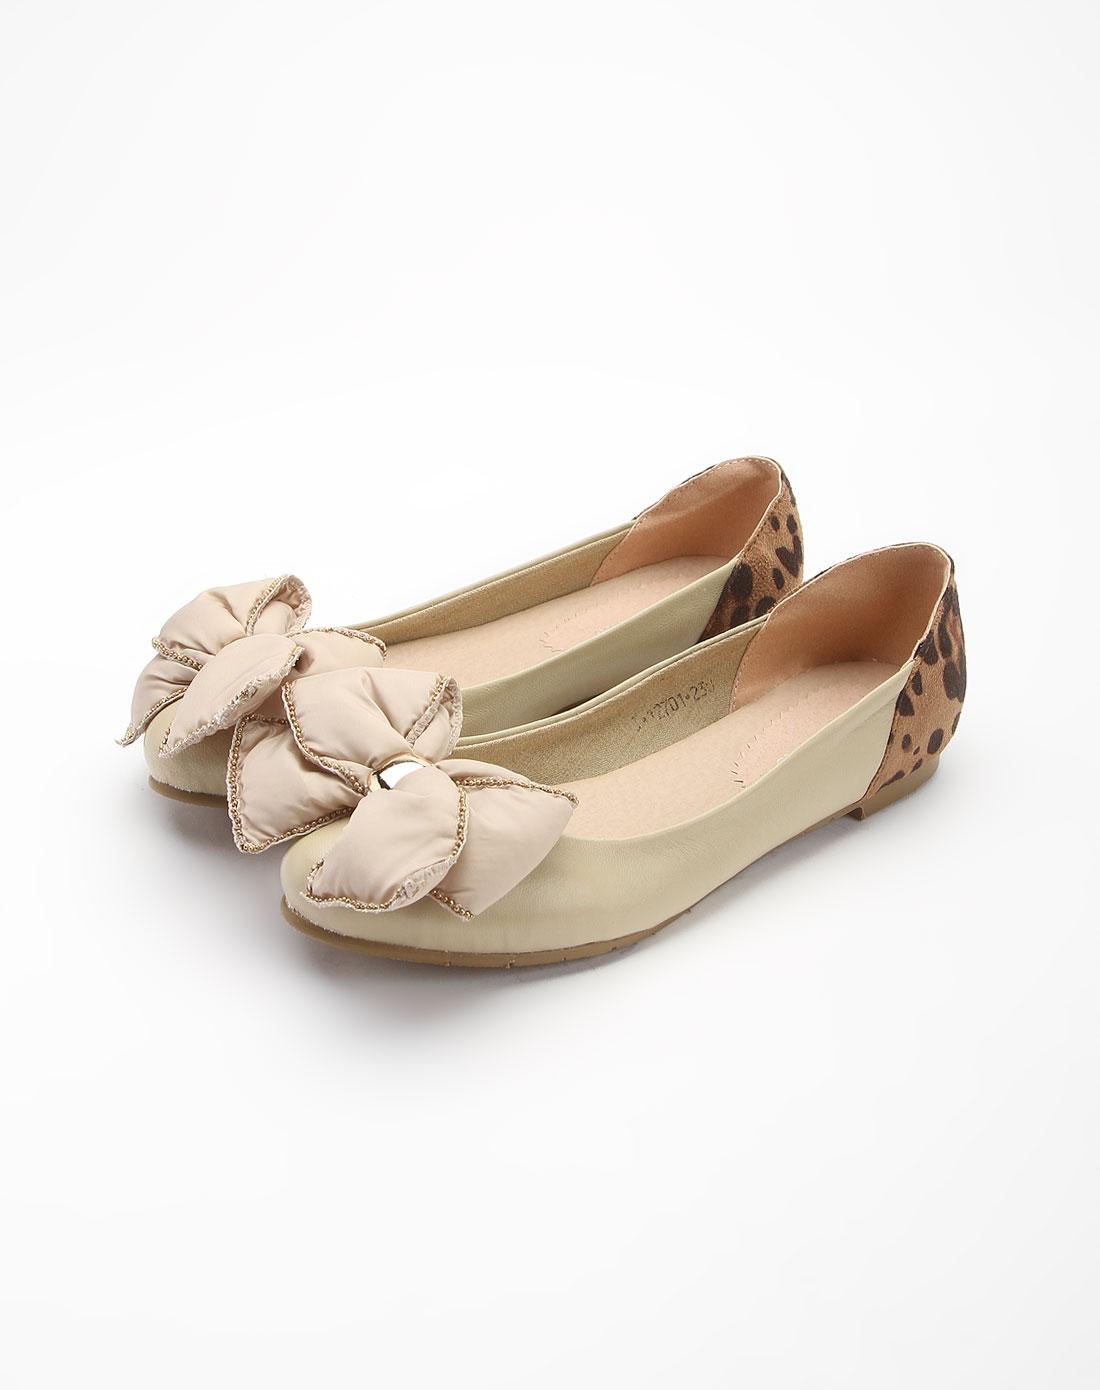 米白色可爱大蝴蝶结淑女平底鞋